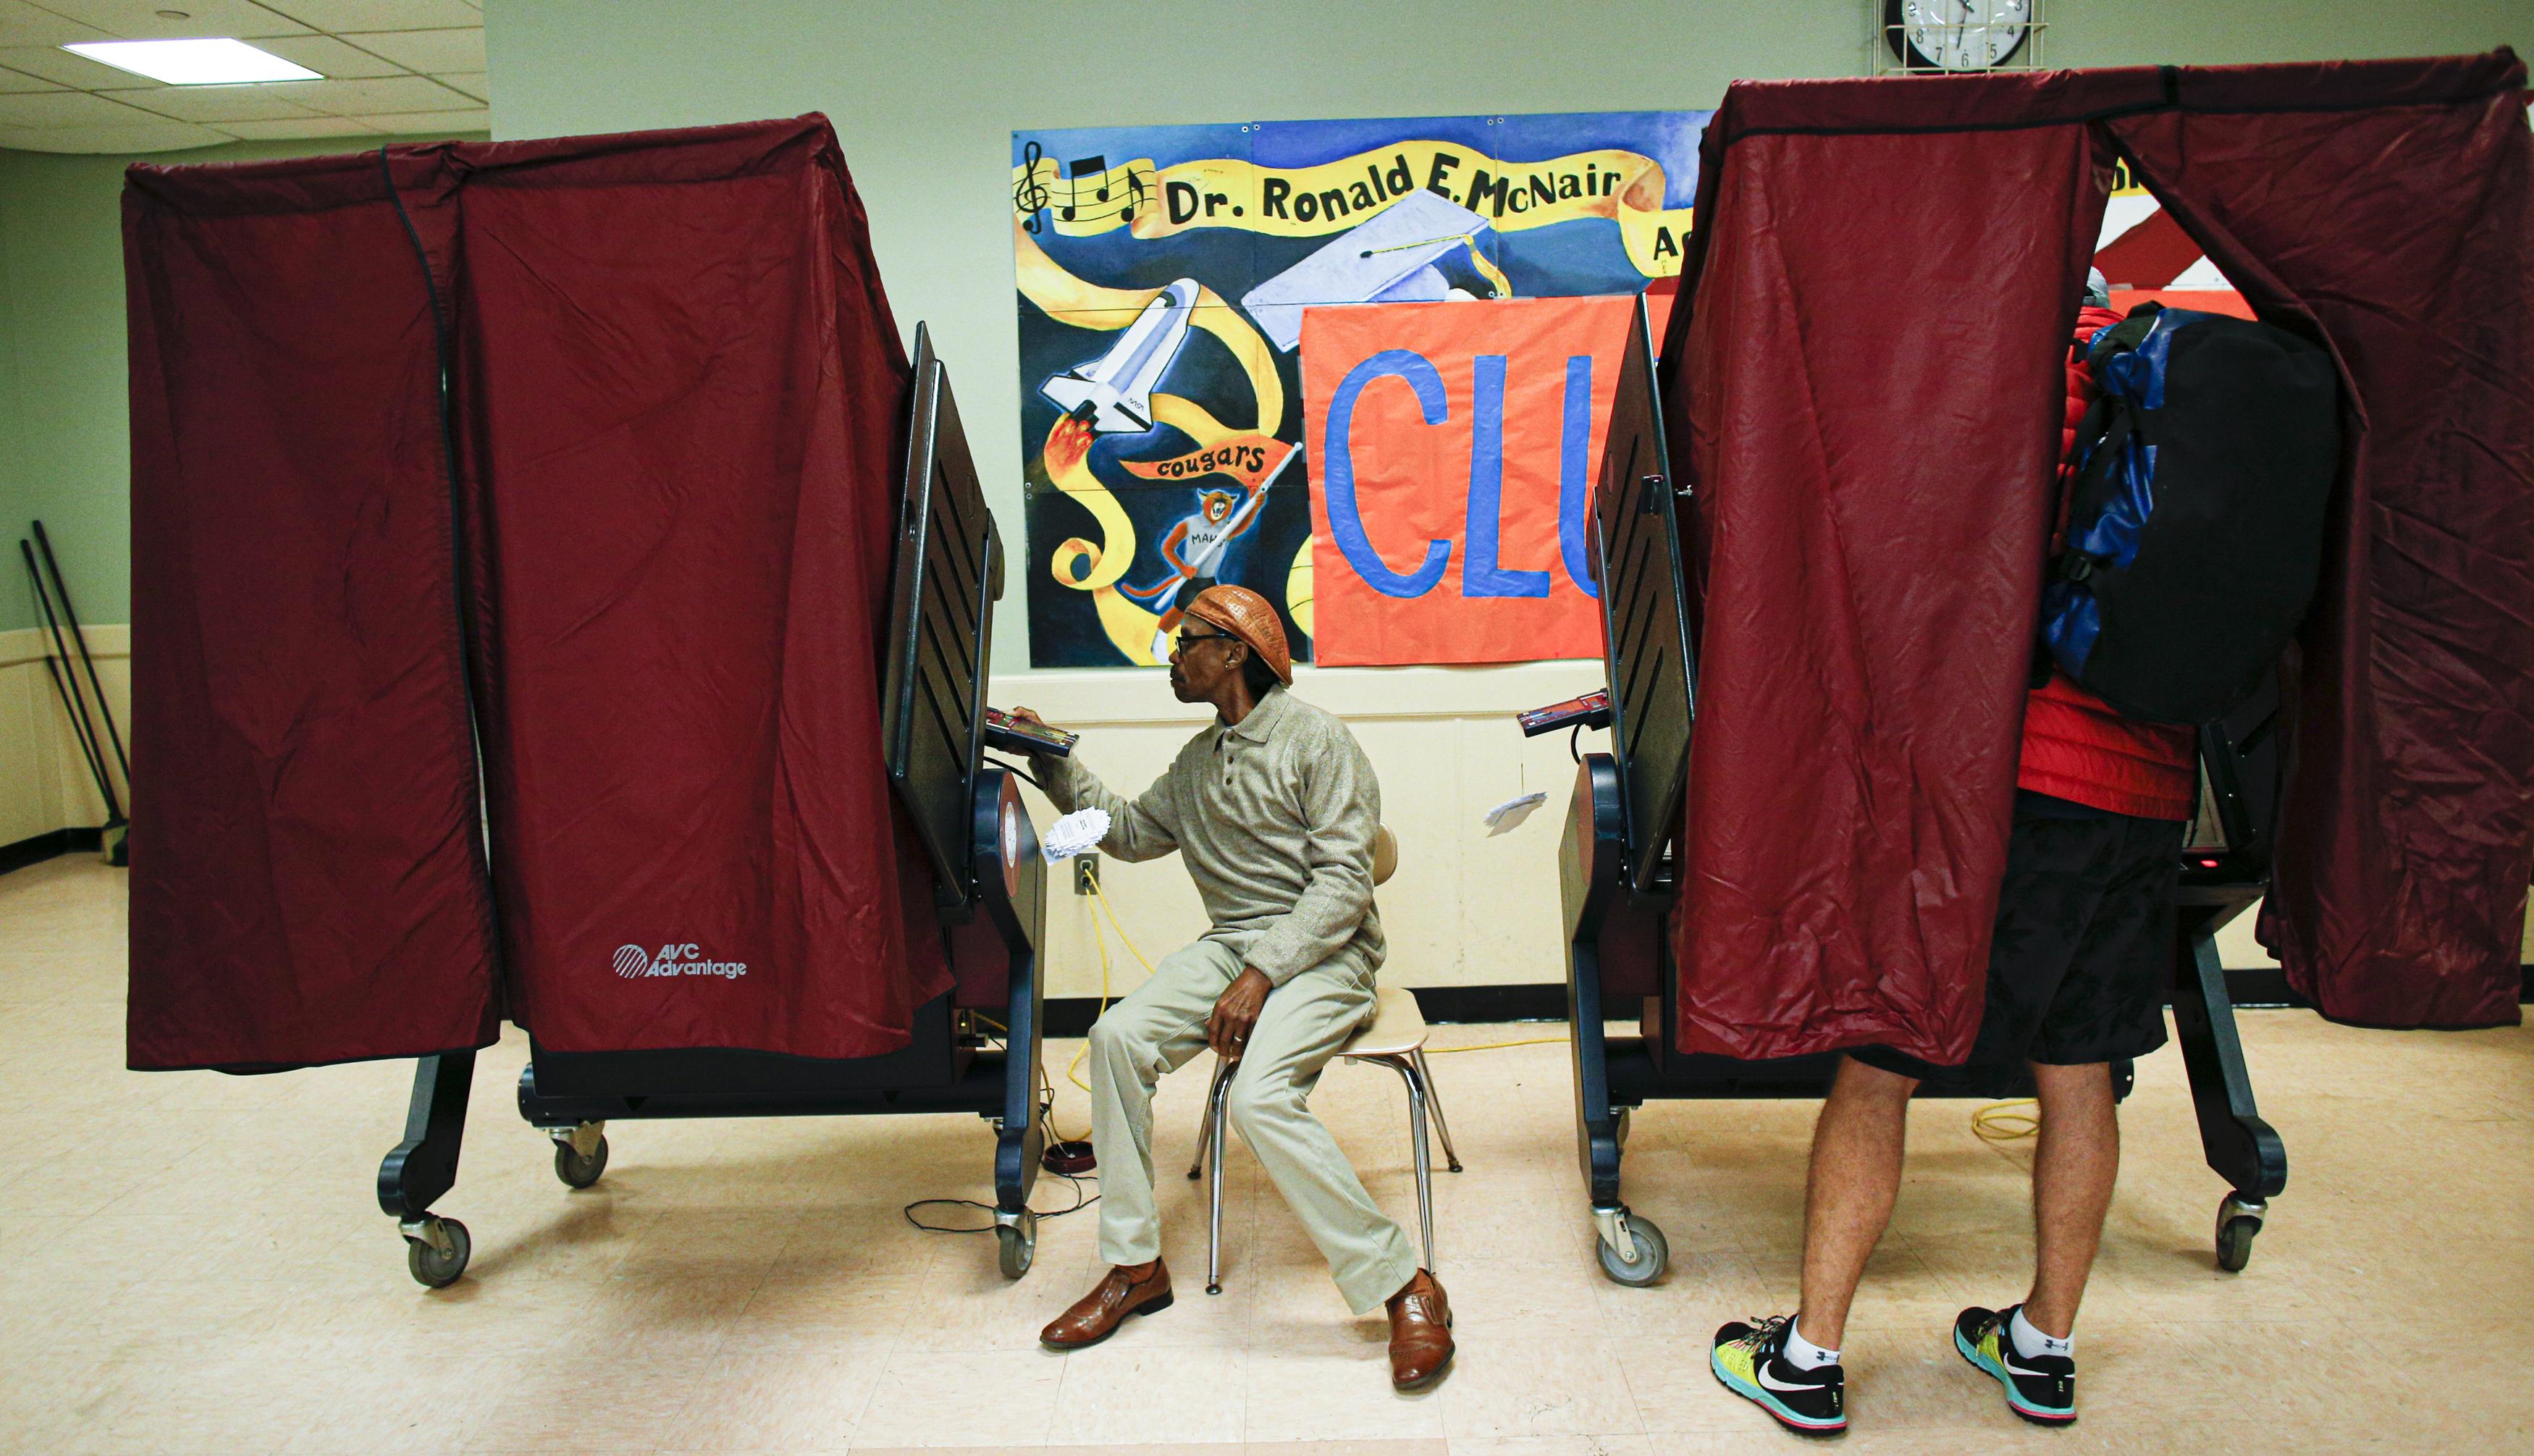 Un hombre vota en una mesa de votación con cortinas rojas en una escuela